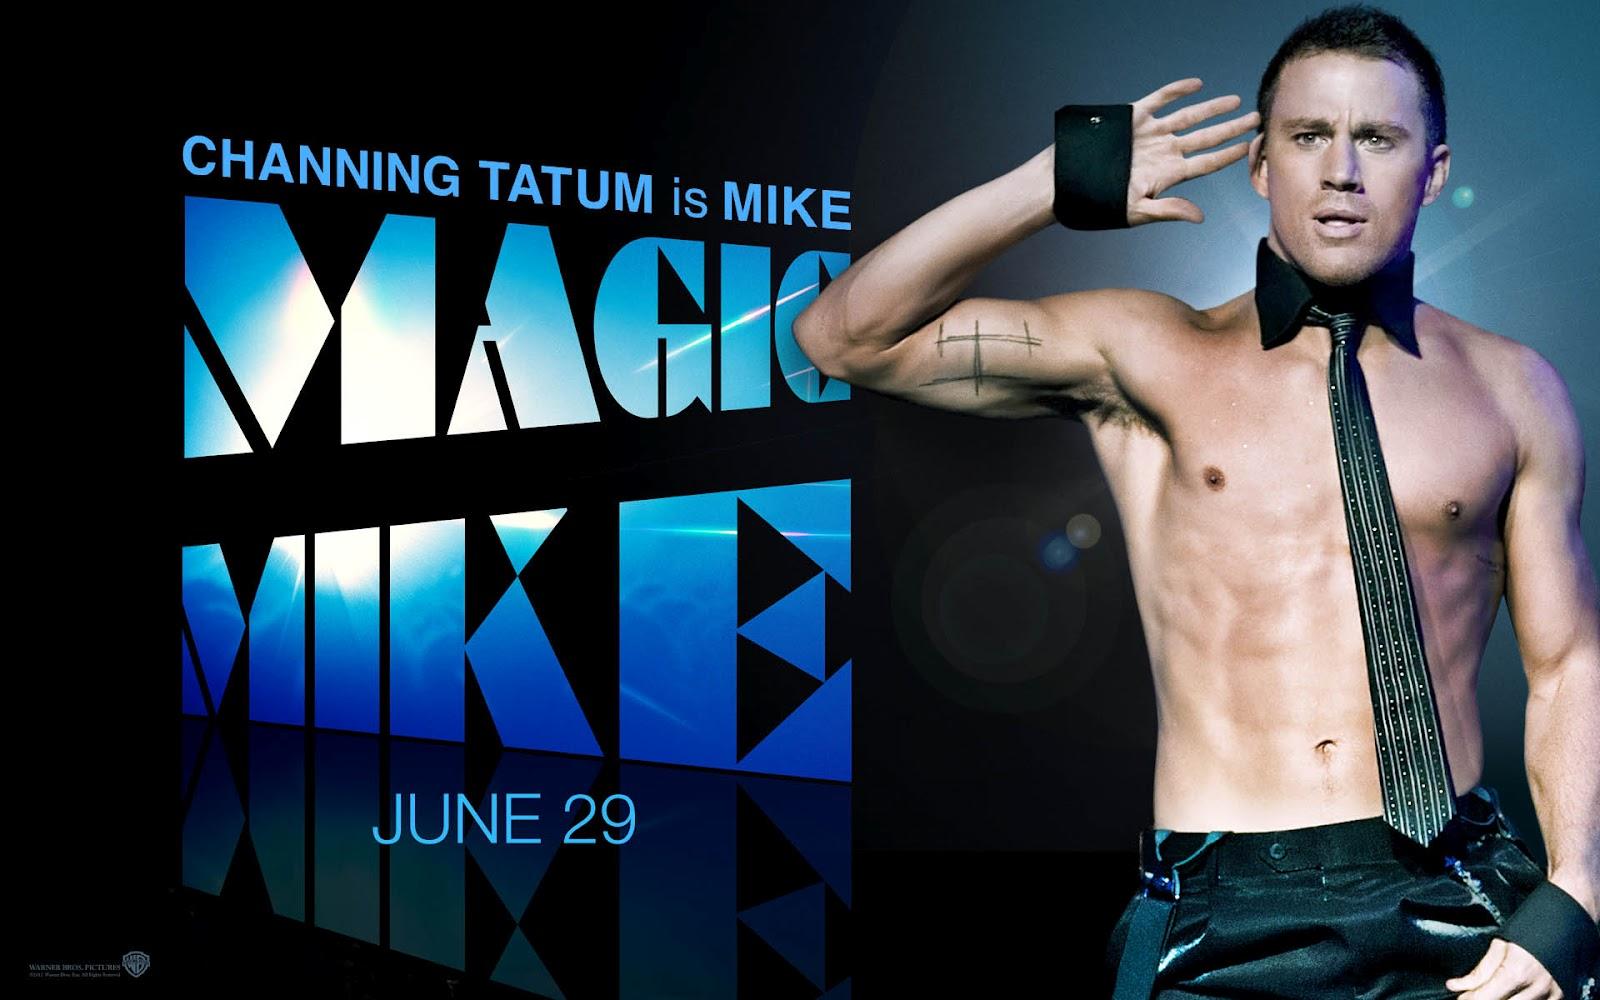 http://4.bp.blogspot.com/-6t1nNhx5tE4/UHGat6l8jZI/AAAAAAAAFI0/iUv8z_3LRBk/s1600/Magic-Mike-wallpaper-Channing-Tatum.jpg